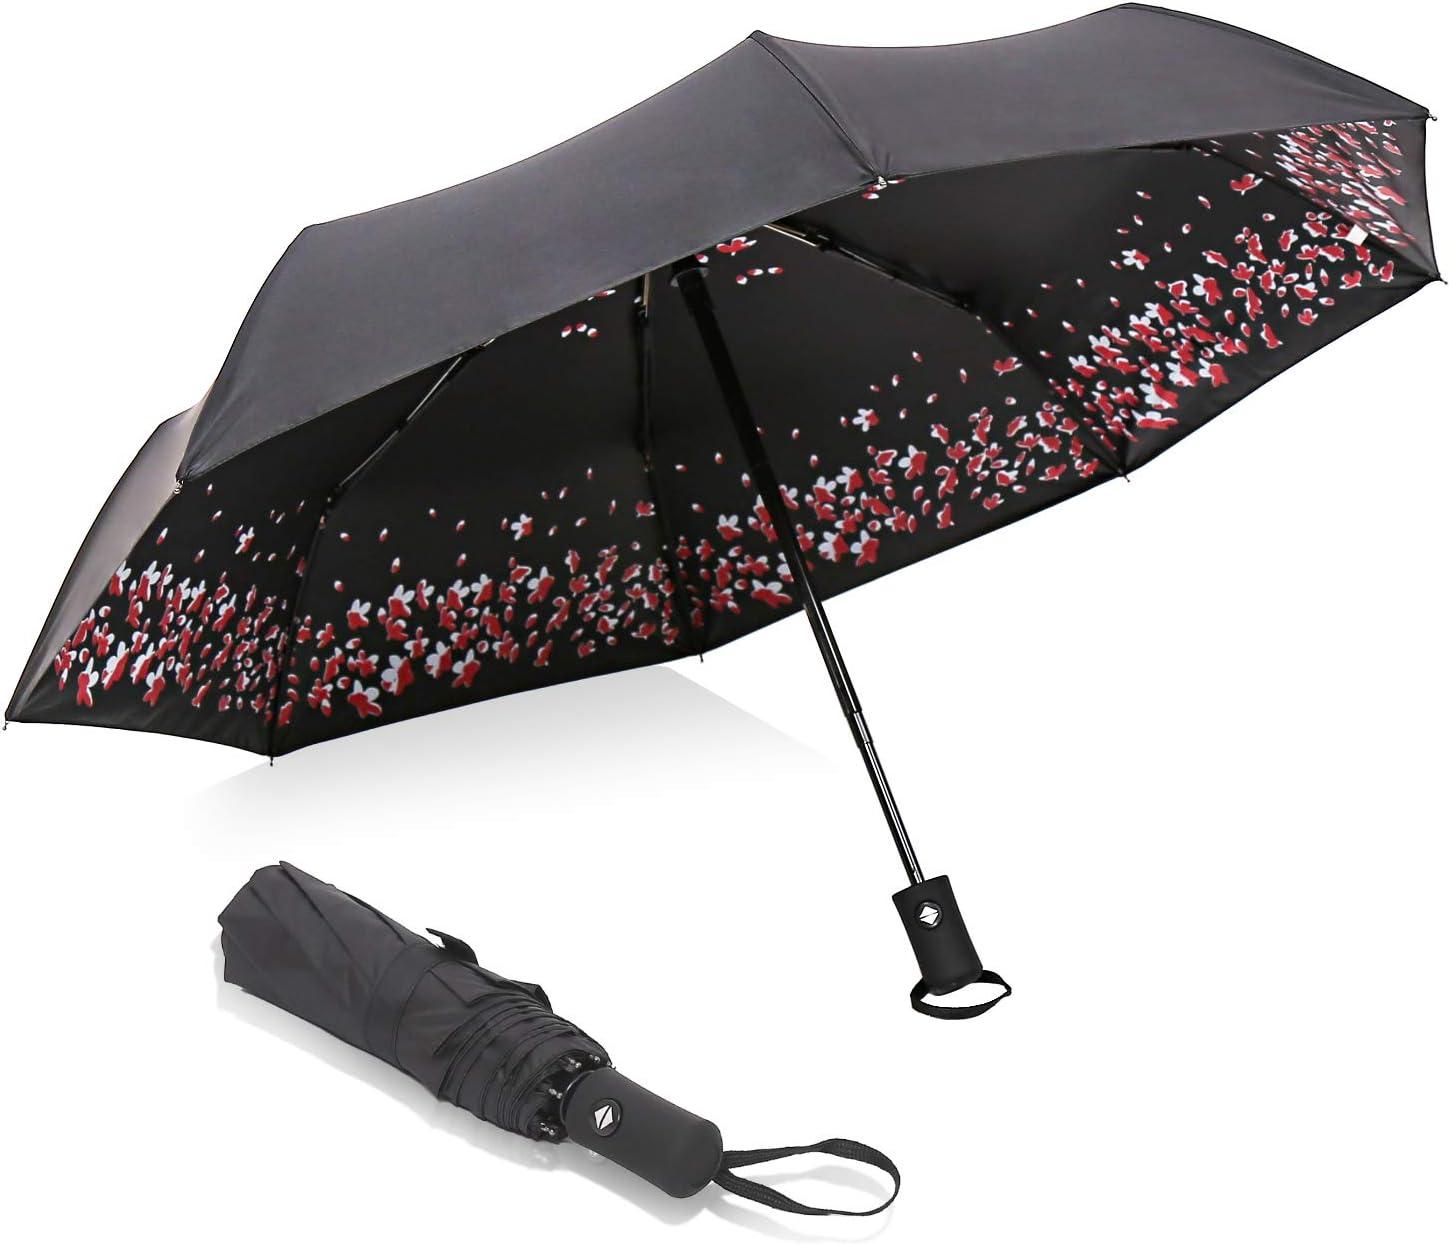 Automatic Folding Umbrella Sea Turtle At Dawn Travel Umbrella Compact 46 Inch Rain Umbrella for Men Women Auto Open Close